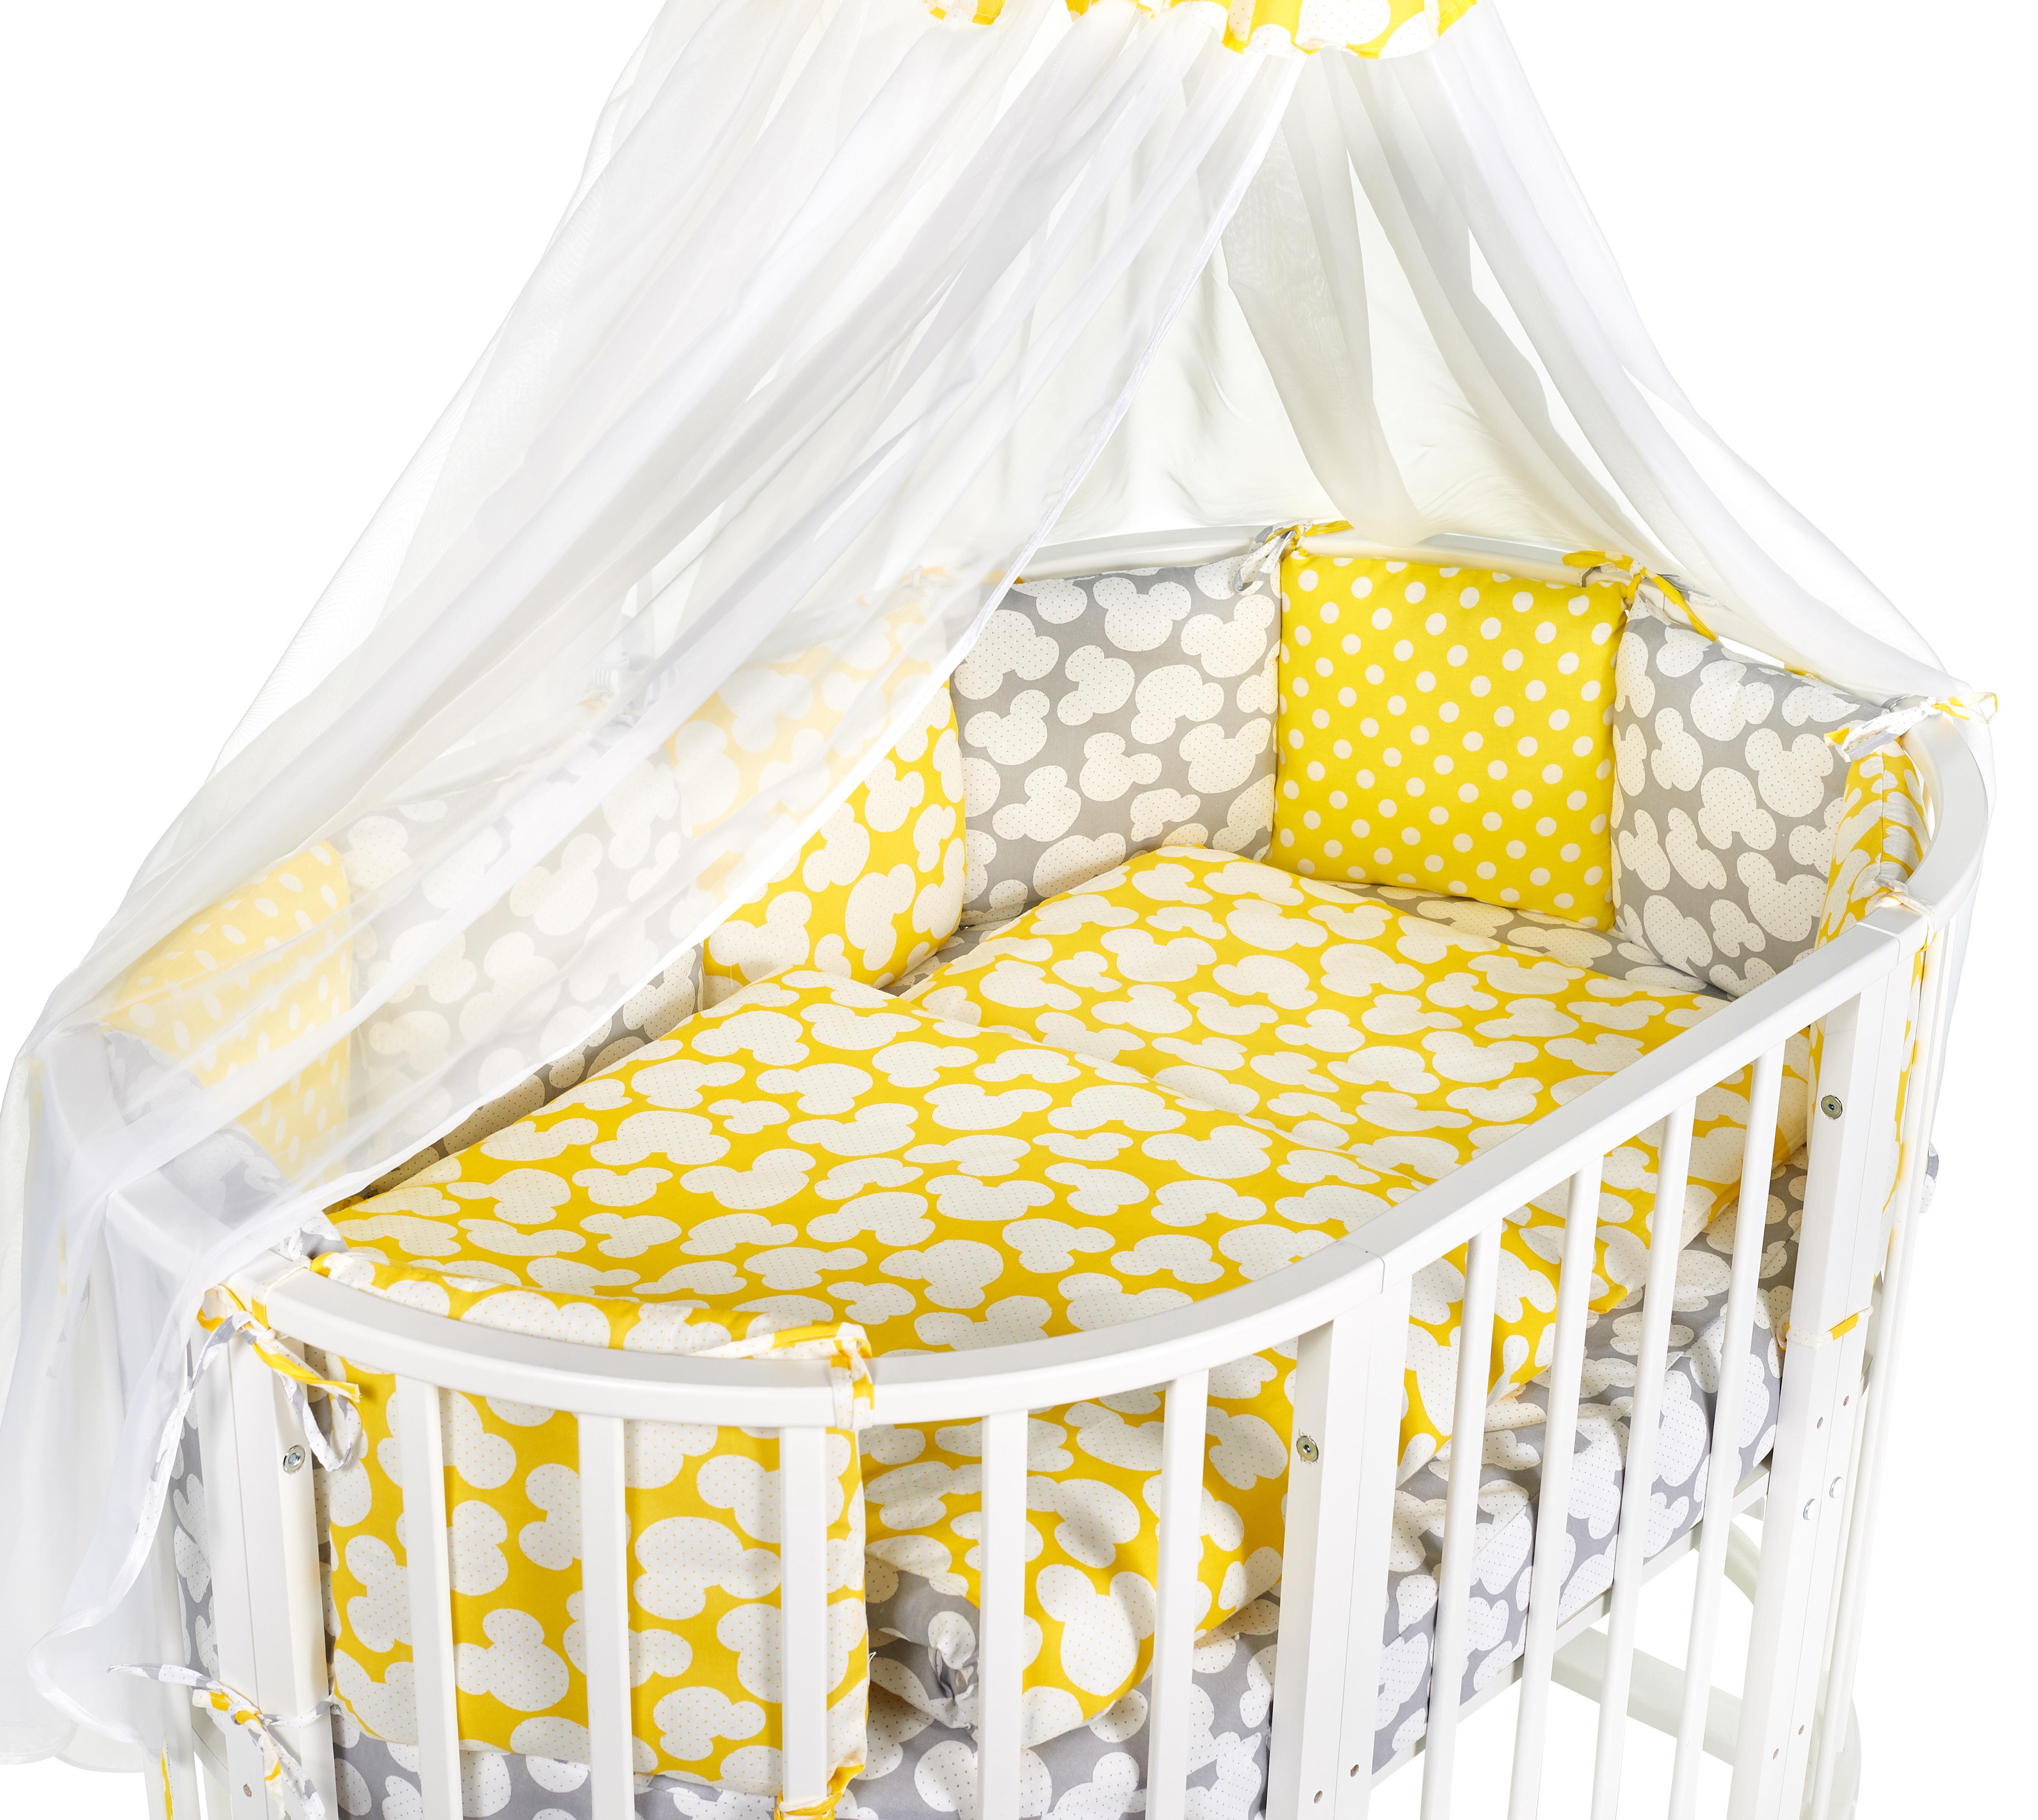 Постельные принадлежности Sweet Baby Комплект в овальную кроватку Sweet Baby «Tenero Giallo» 8 пр. желтый/серый